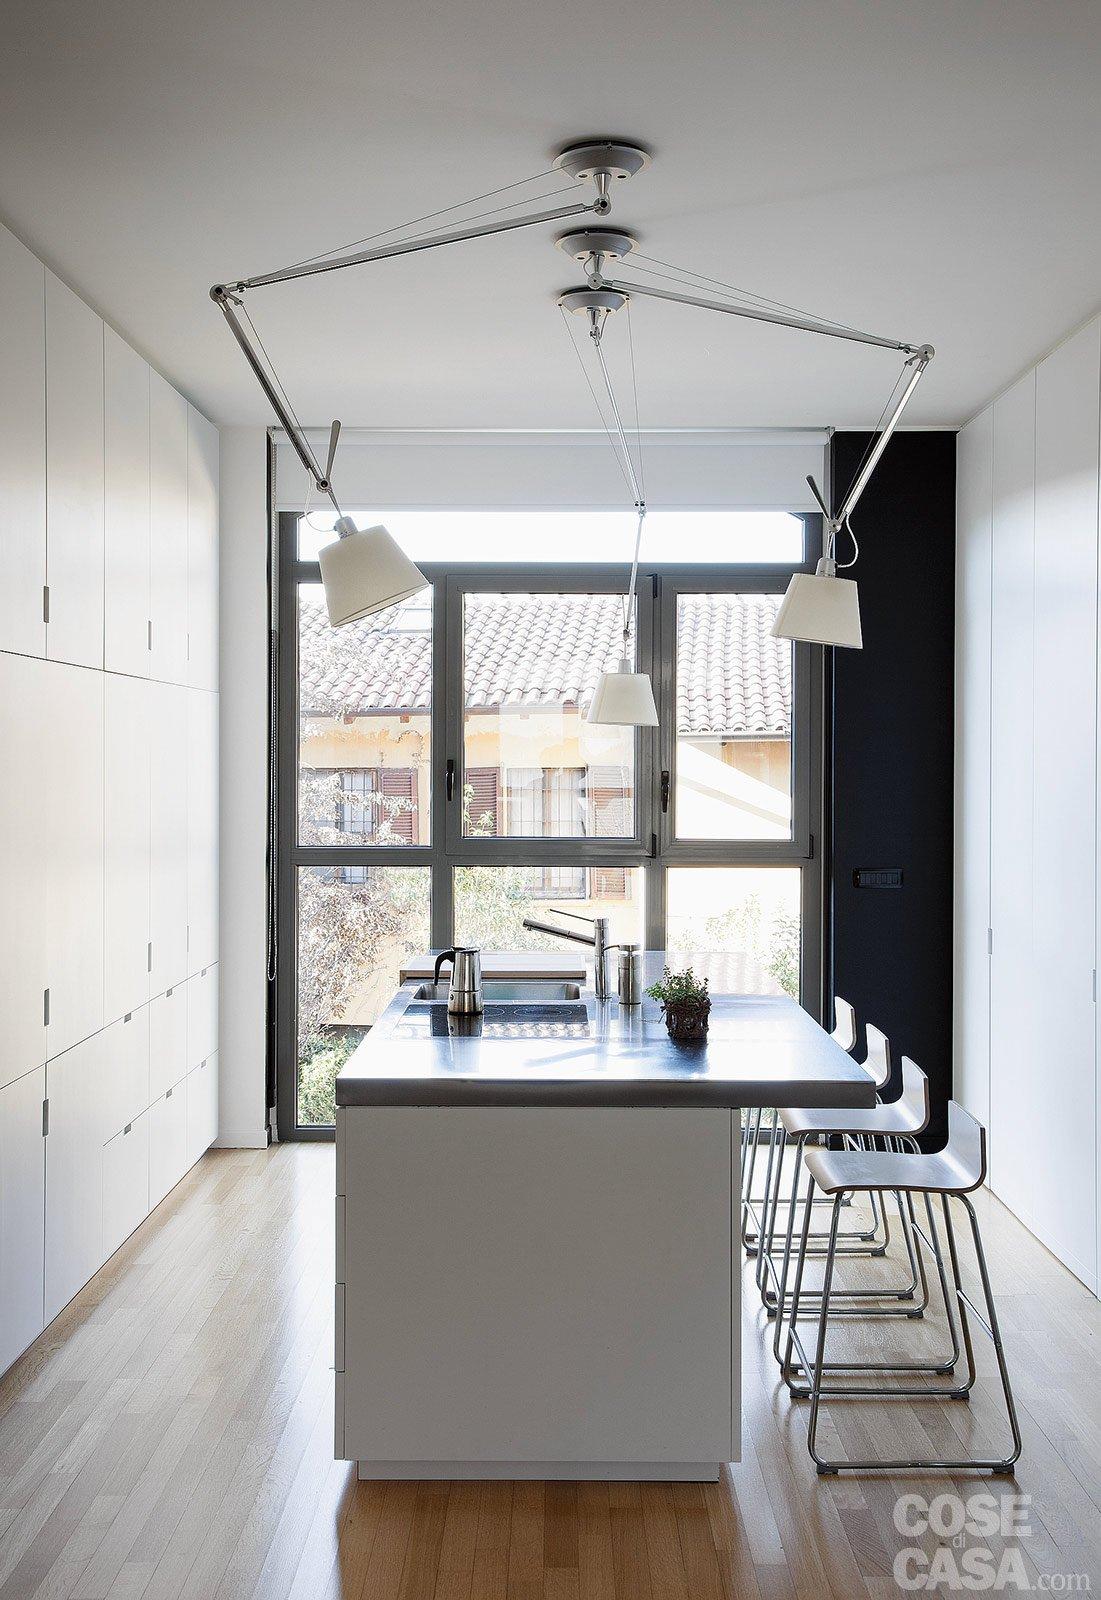 60 50 mq una casa con elementi a scomparsa cose di casa for Divano x cucina